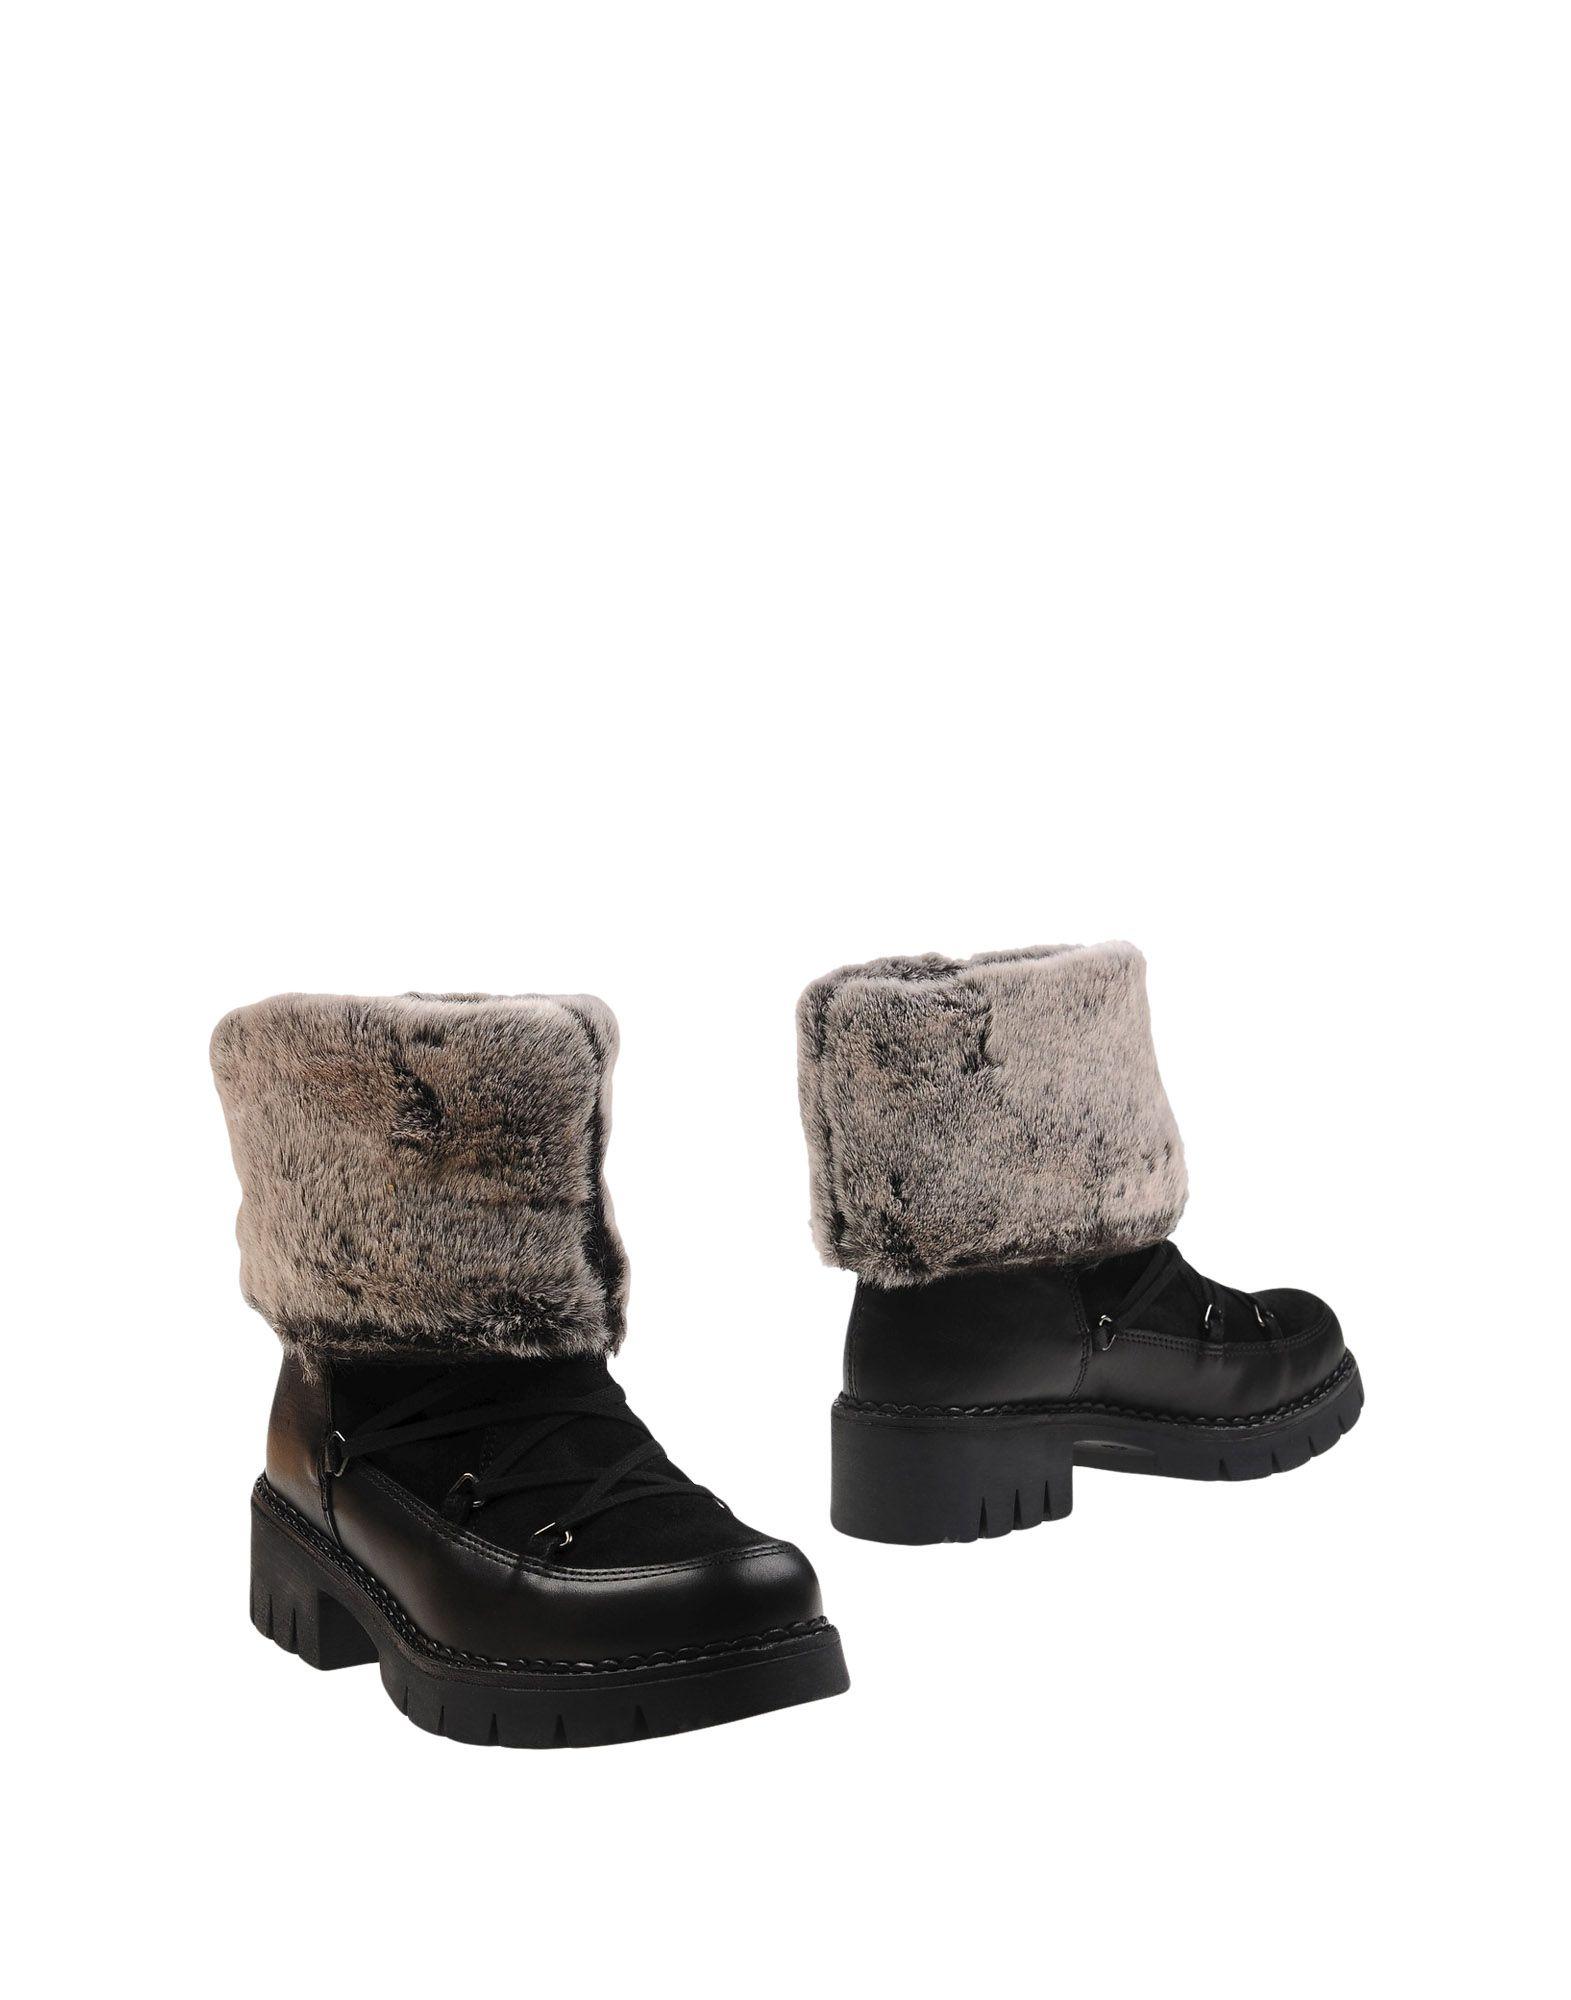 Gusto Stiefelette Damen  11285475DC Gute Qualität beliebte Schuhe